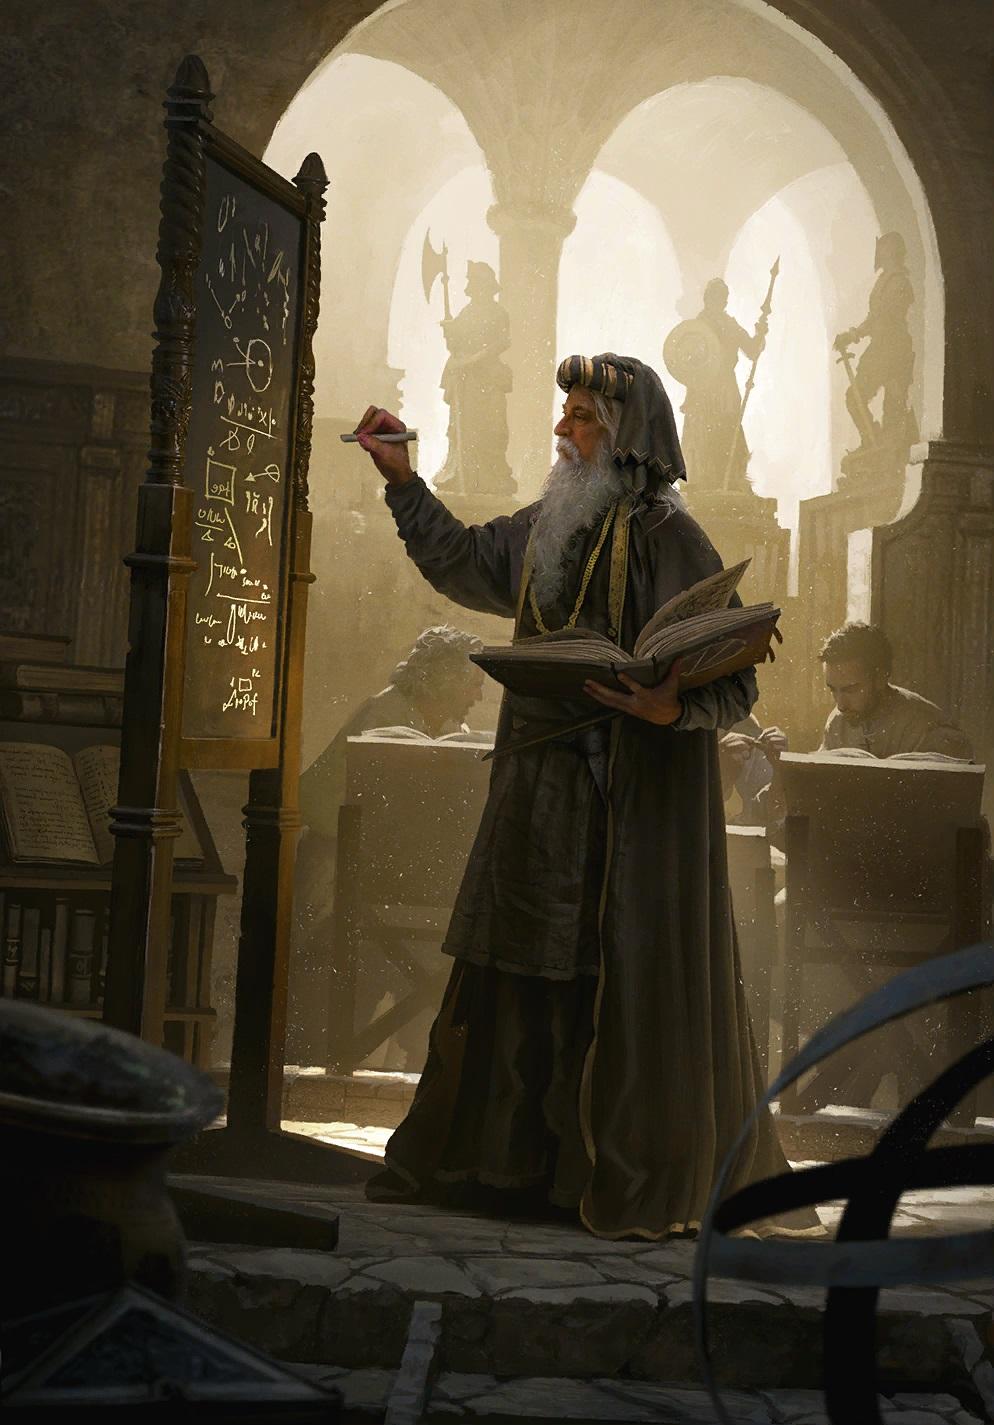 《巫师之昆特牌》人物传之维索戈塔